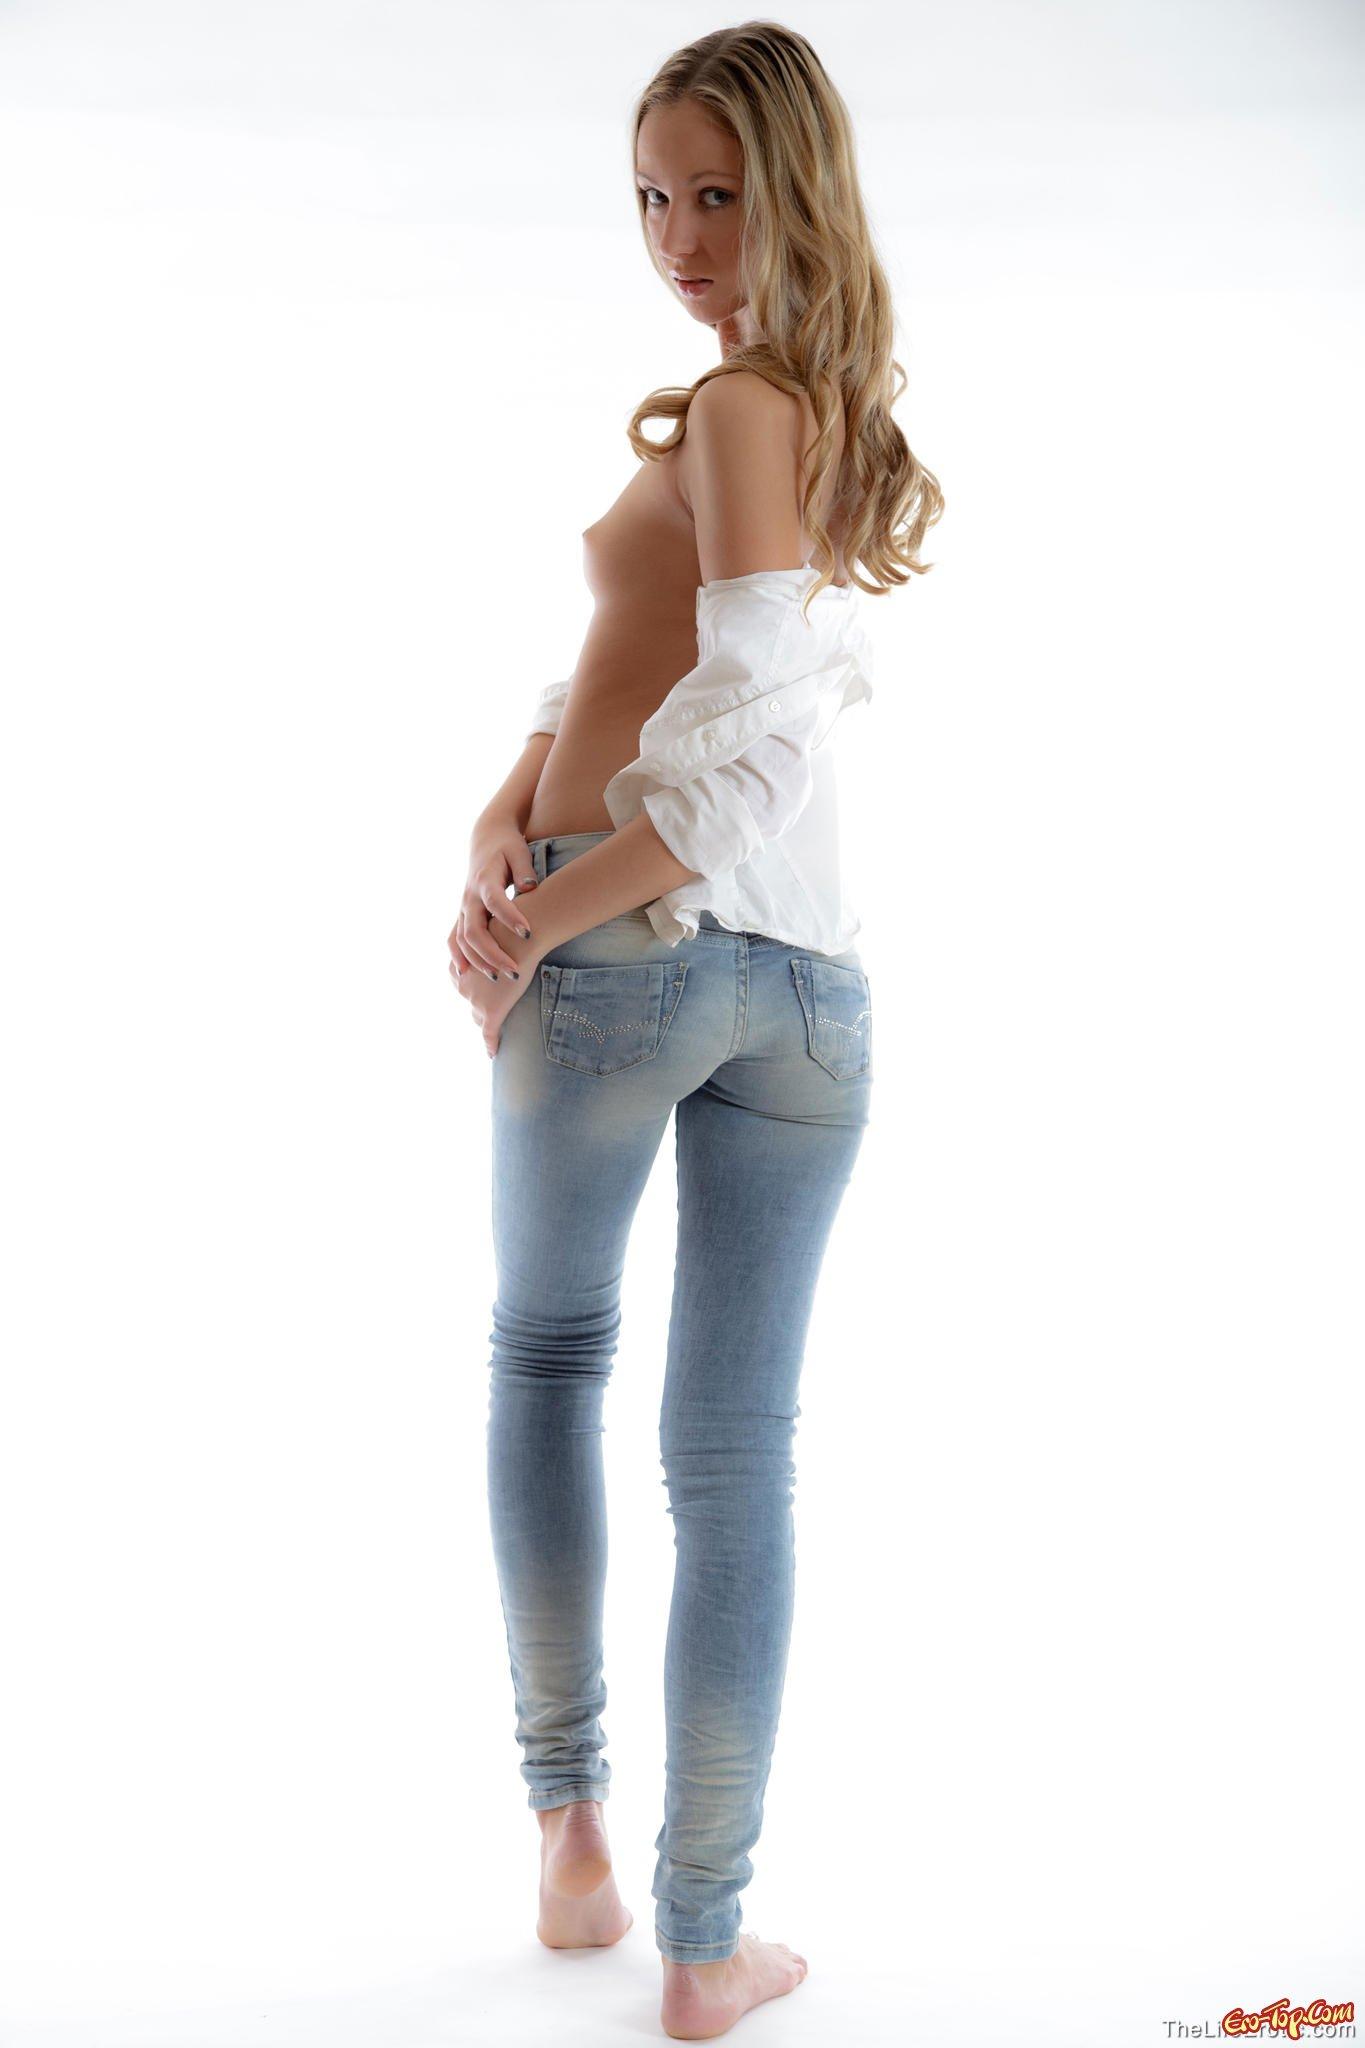 Баба спускает джинсы картинках